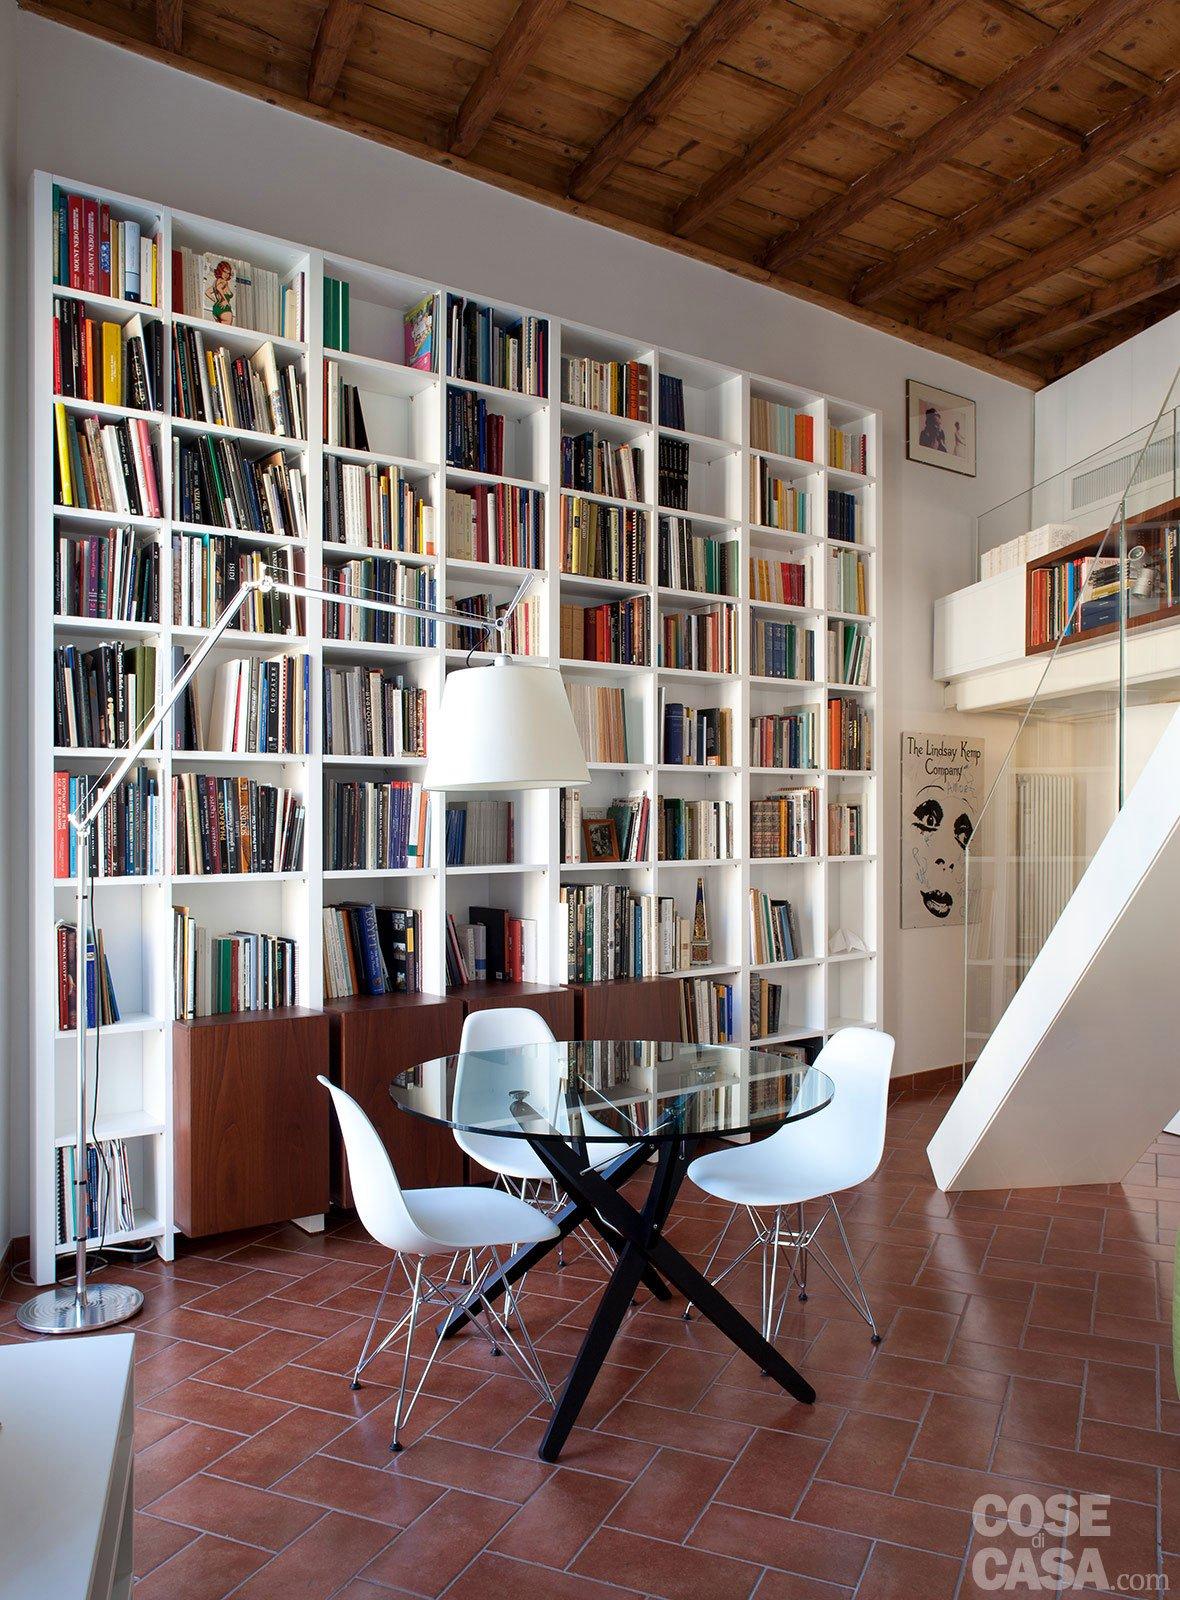 Un monolocale ampliato in altezza cose di casa for Divano 4 metri